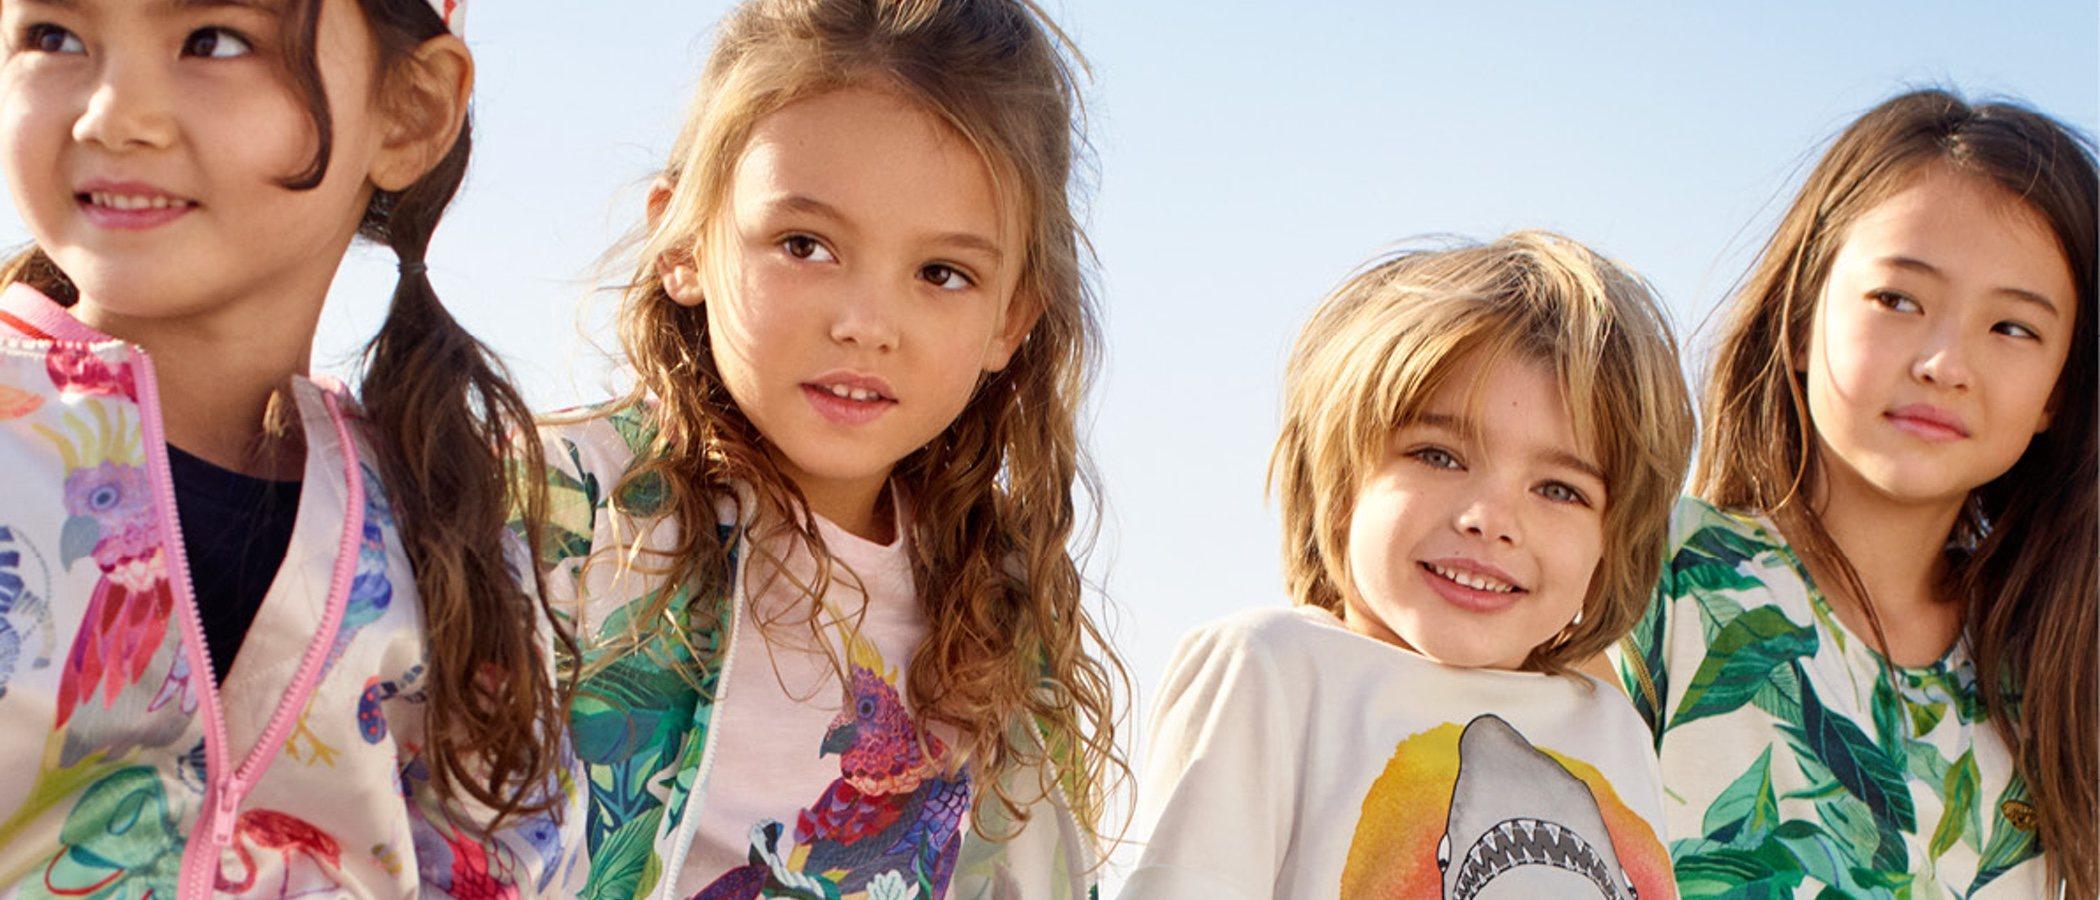 H&M presenta una colección infantil en colaboración con dos diseñadores gráficos